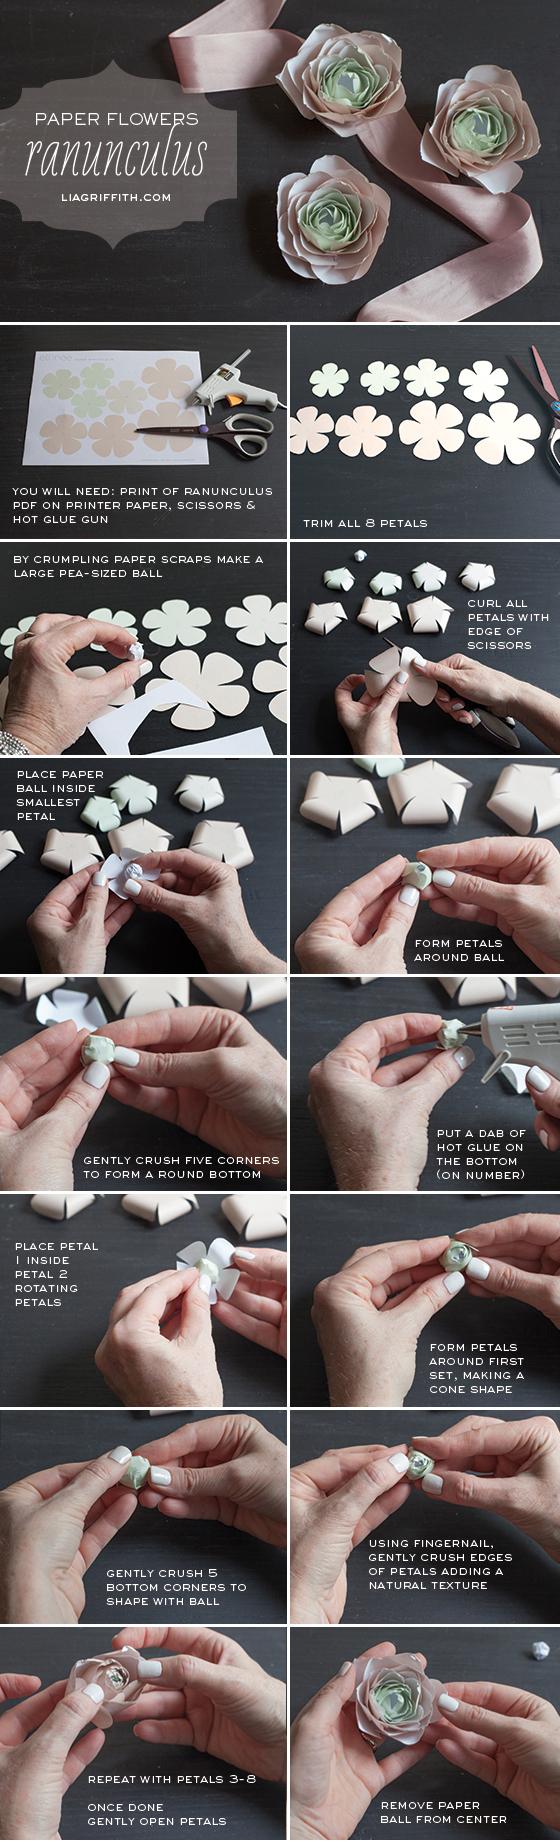 Сделать лютик из бумаги своими руками